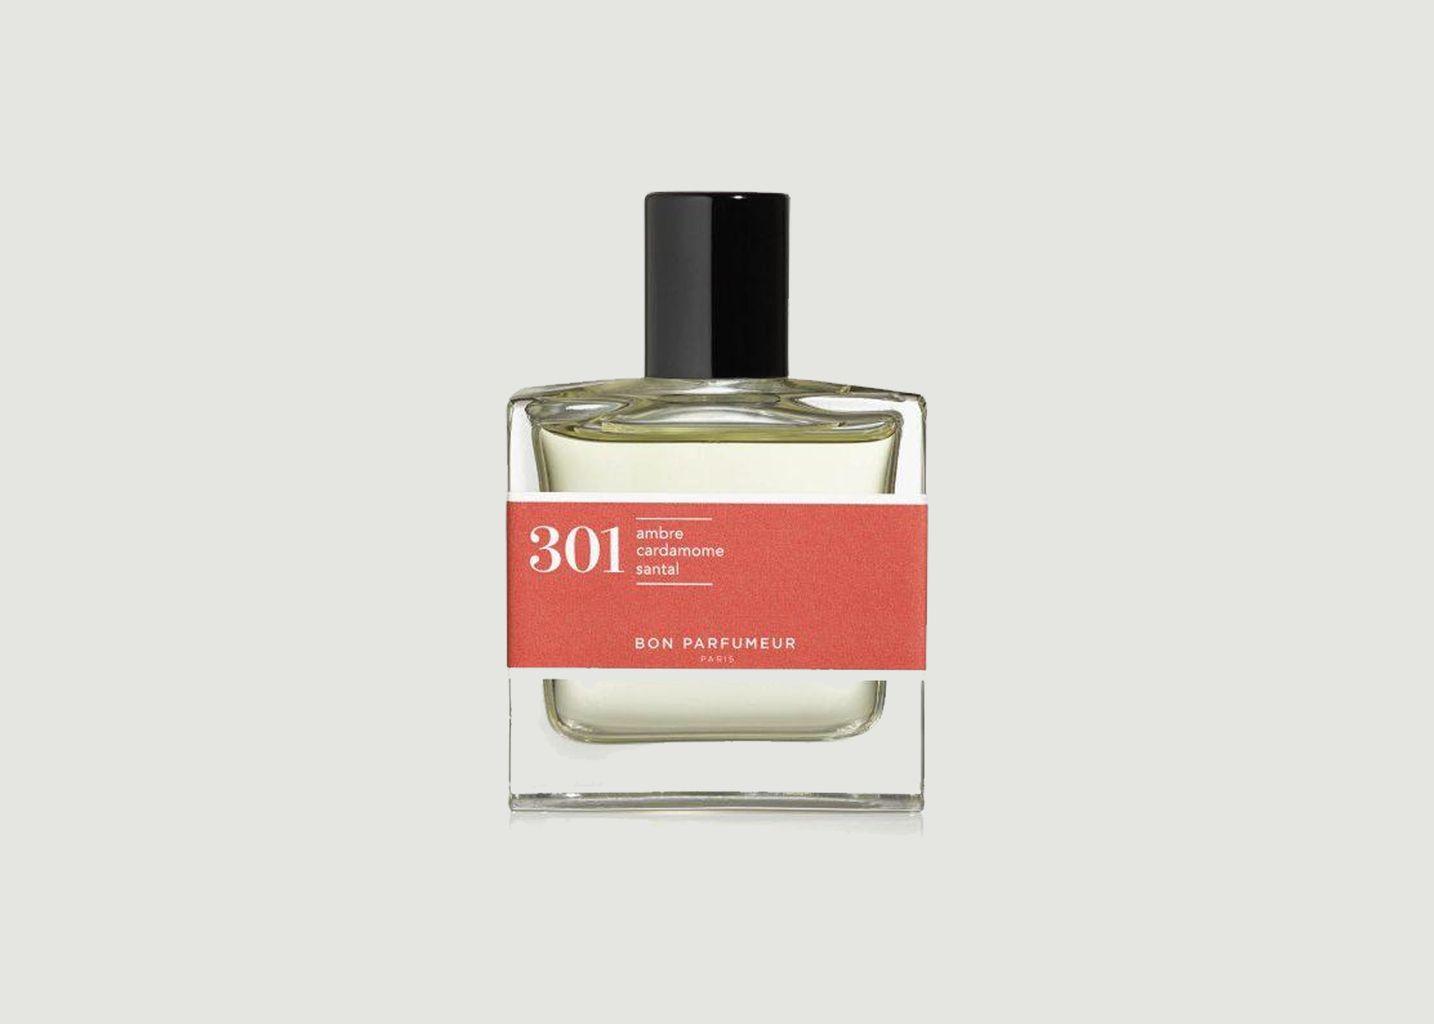 Eau de Parfum 301 30ml - Bon Parfumeur